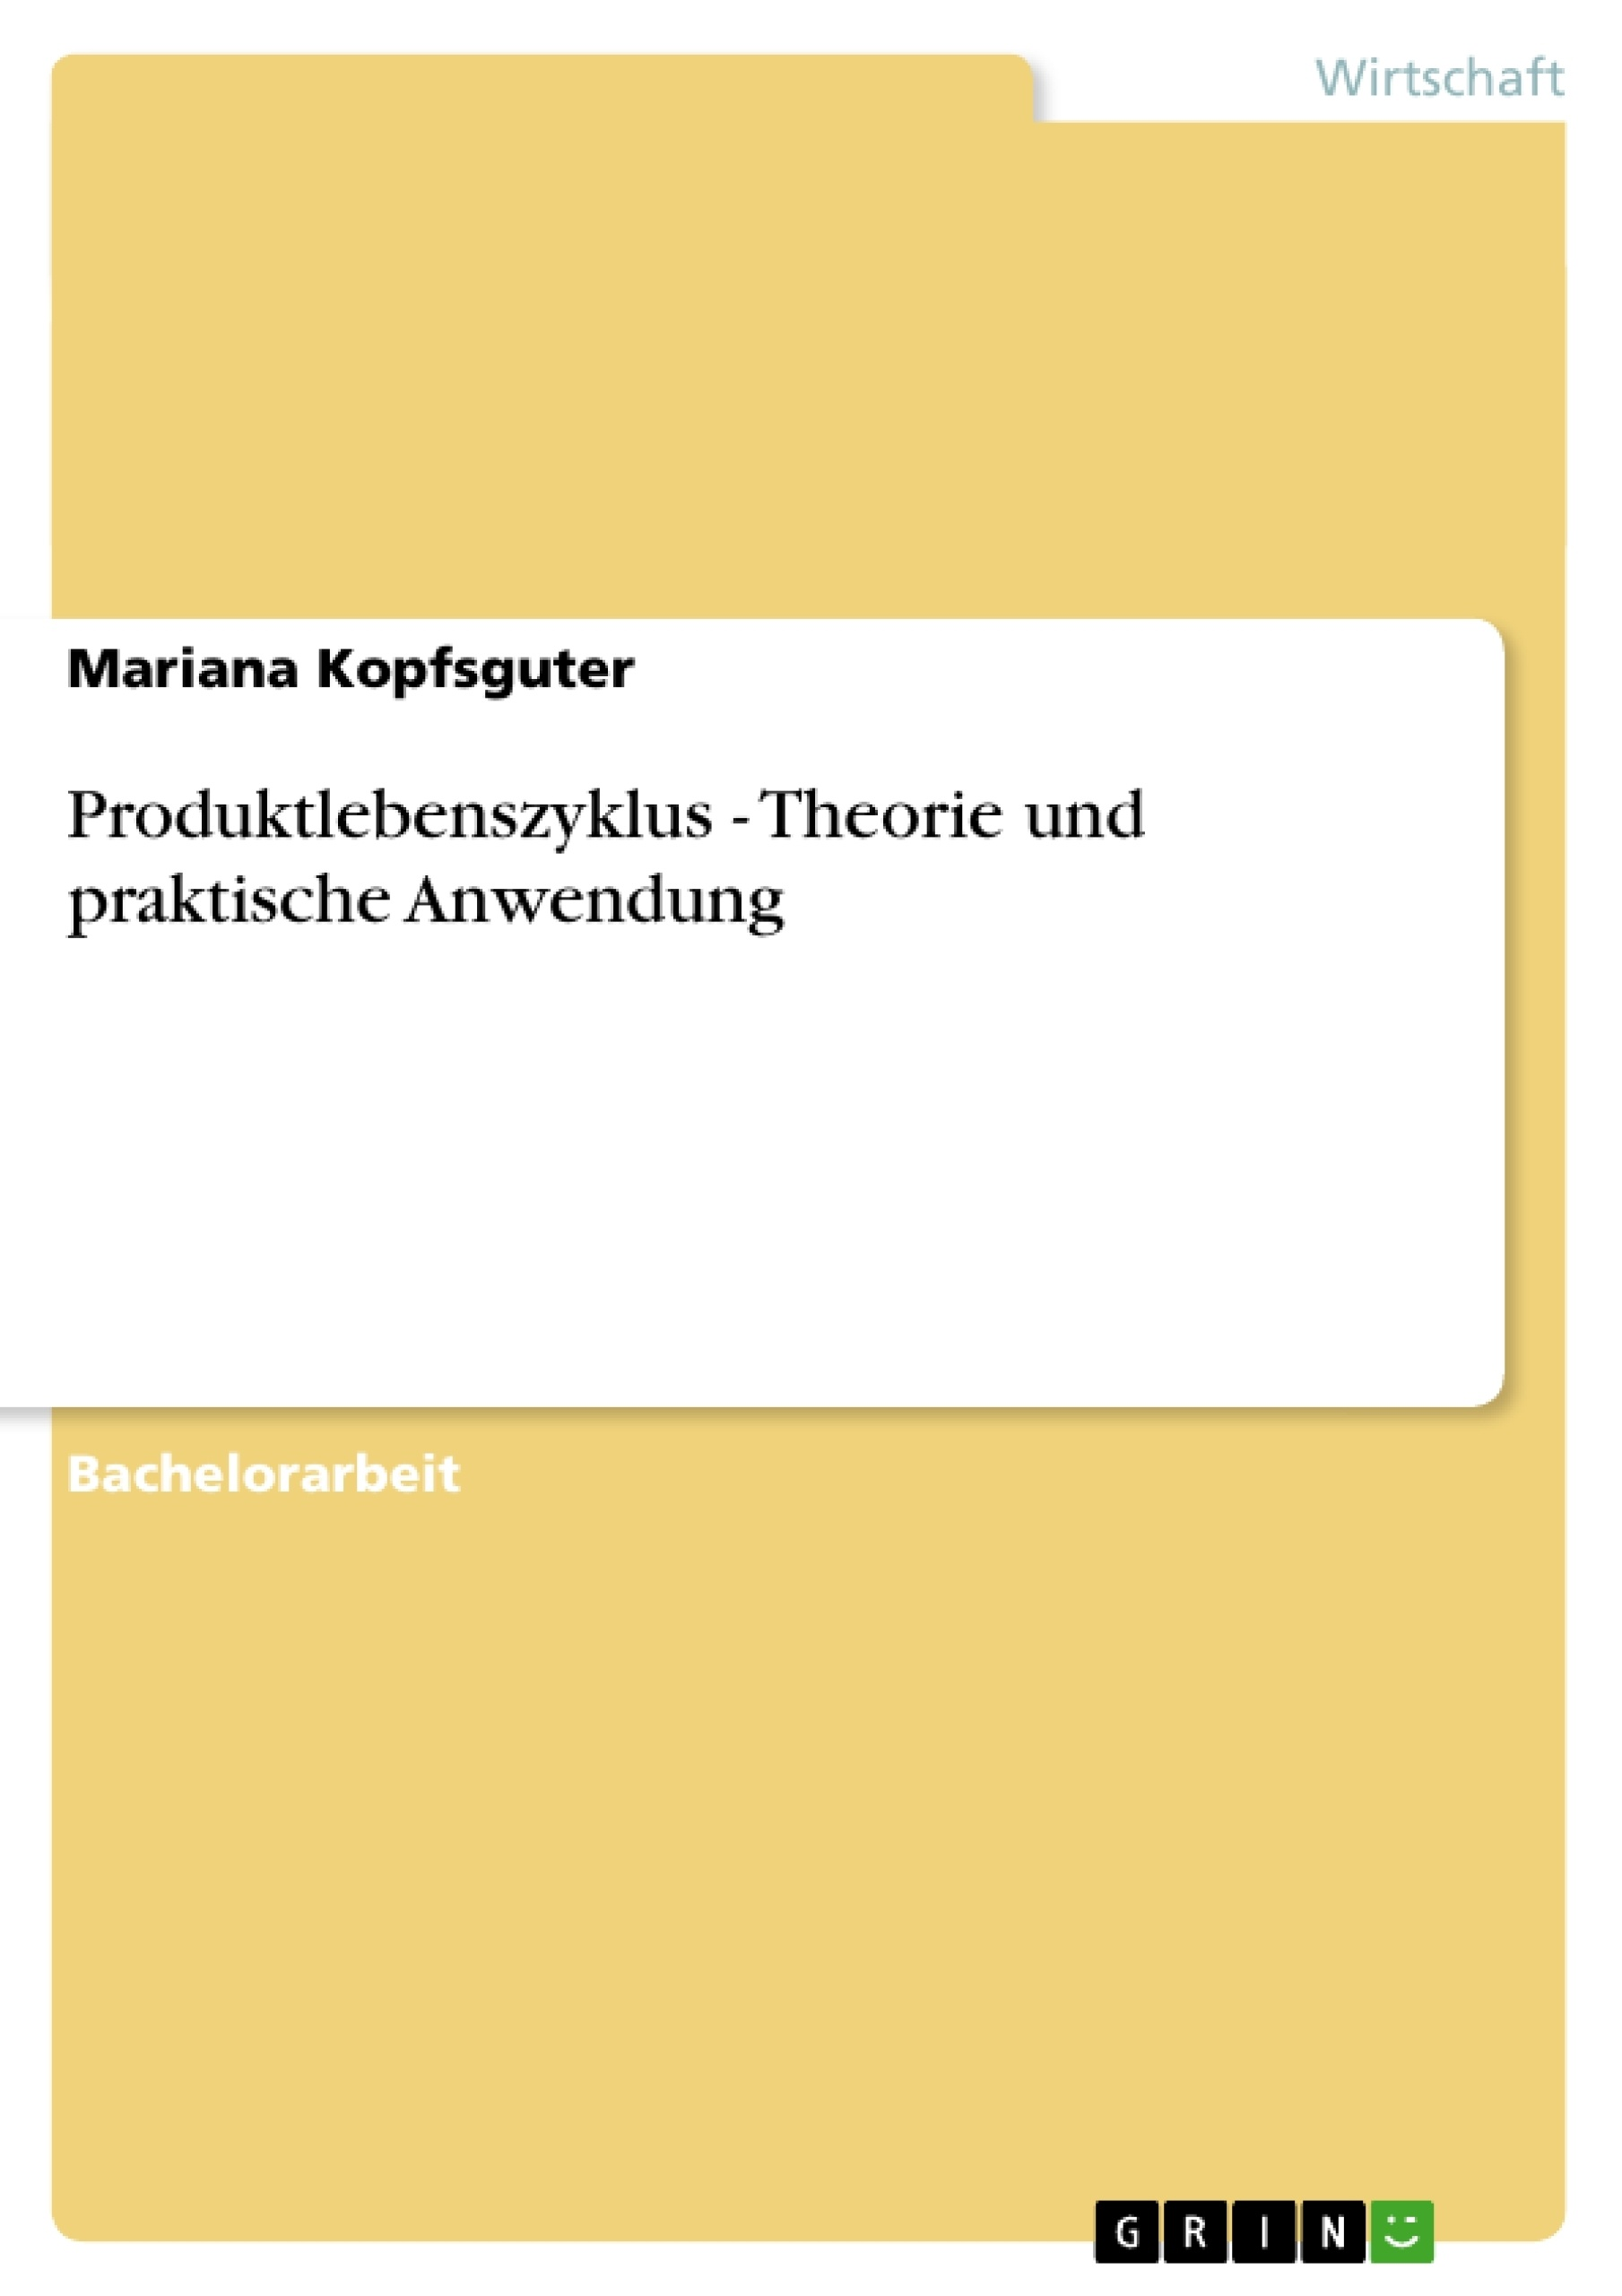 Titel: Produktlebenszyklus - Theorie und praktische Anwendung